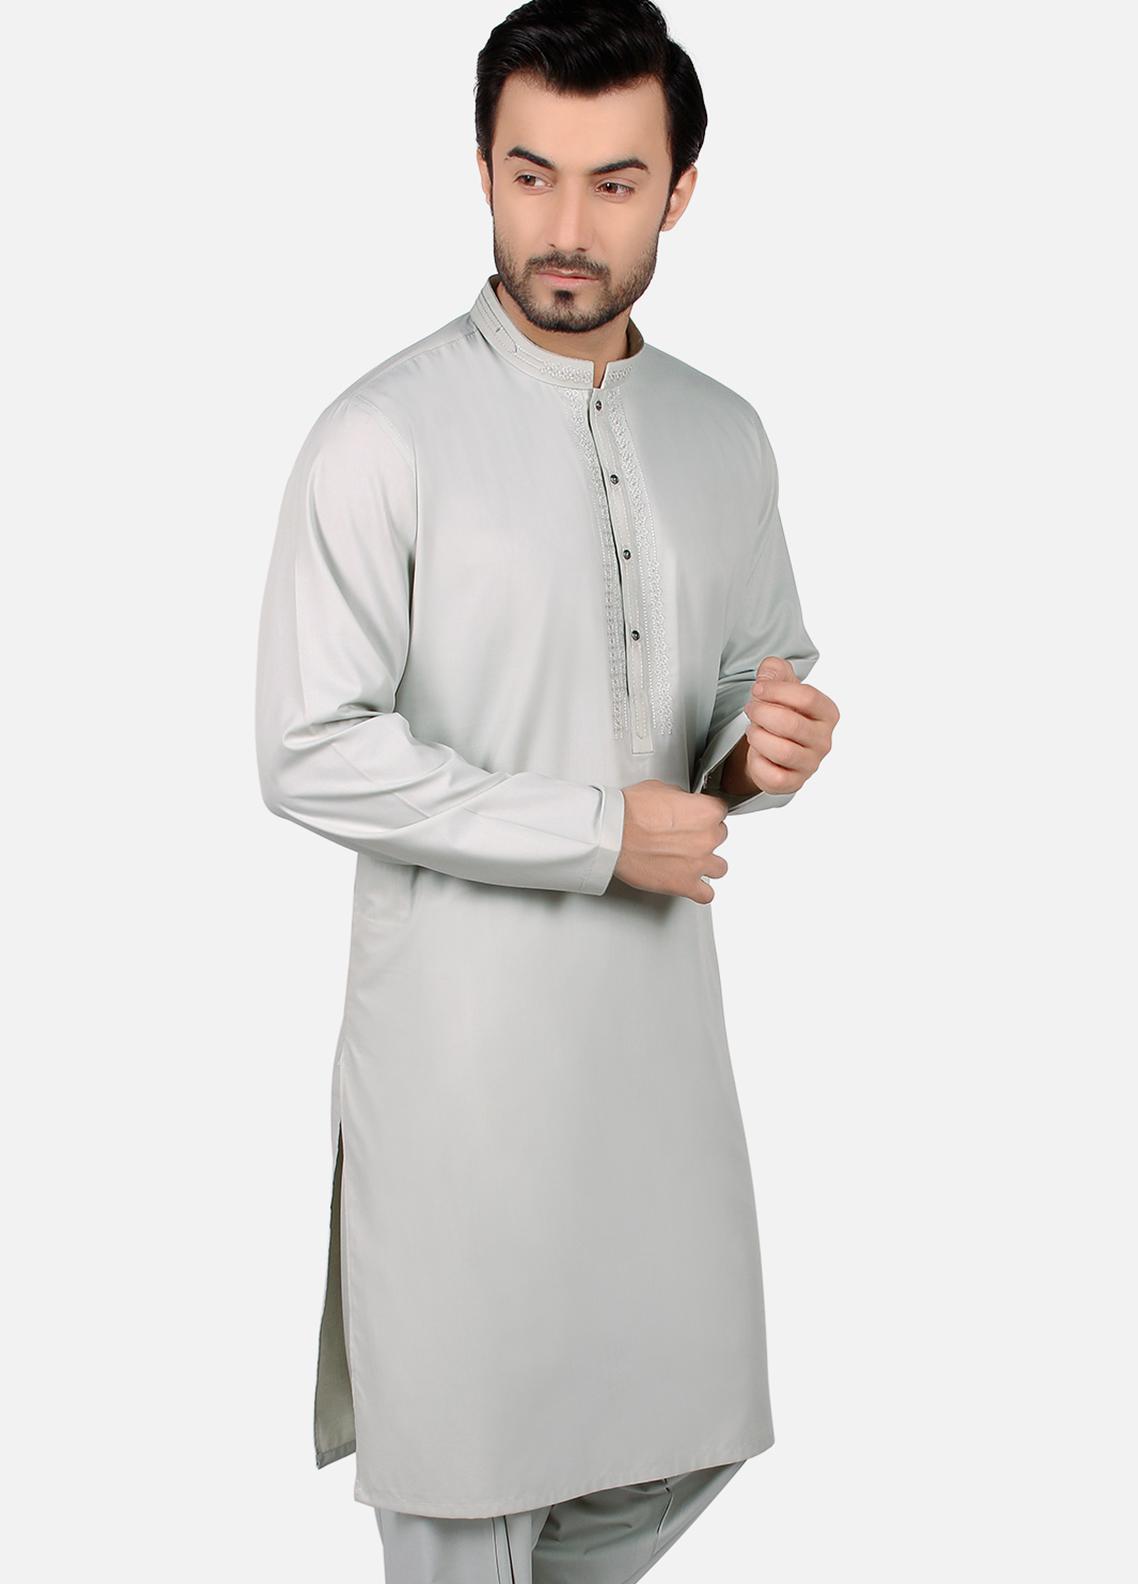 Edenrobe Wash N Wear Formal Kameez Shalwar for Men - Grey EMTKS19S-40756